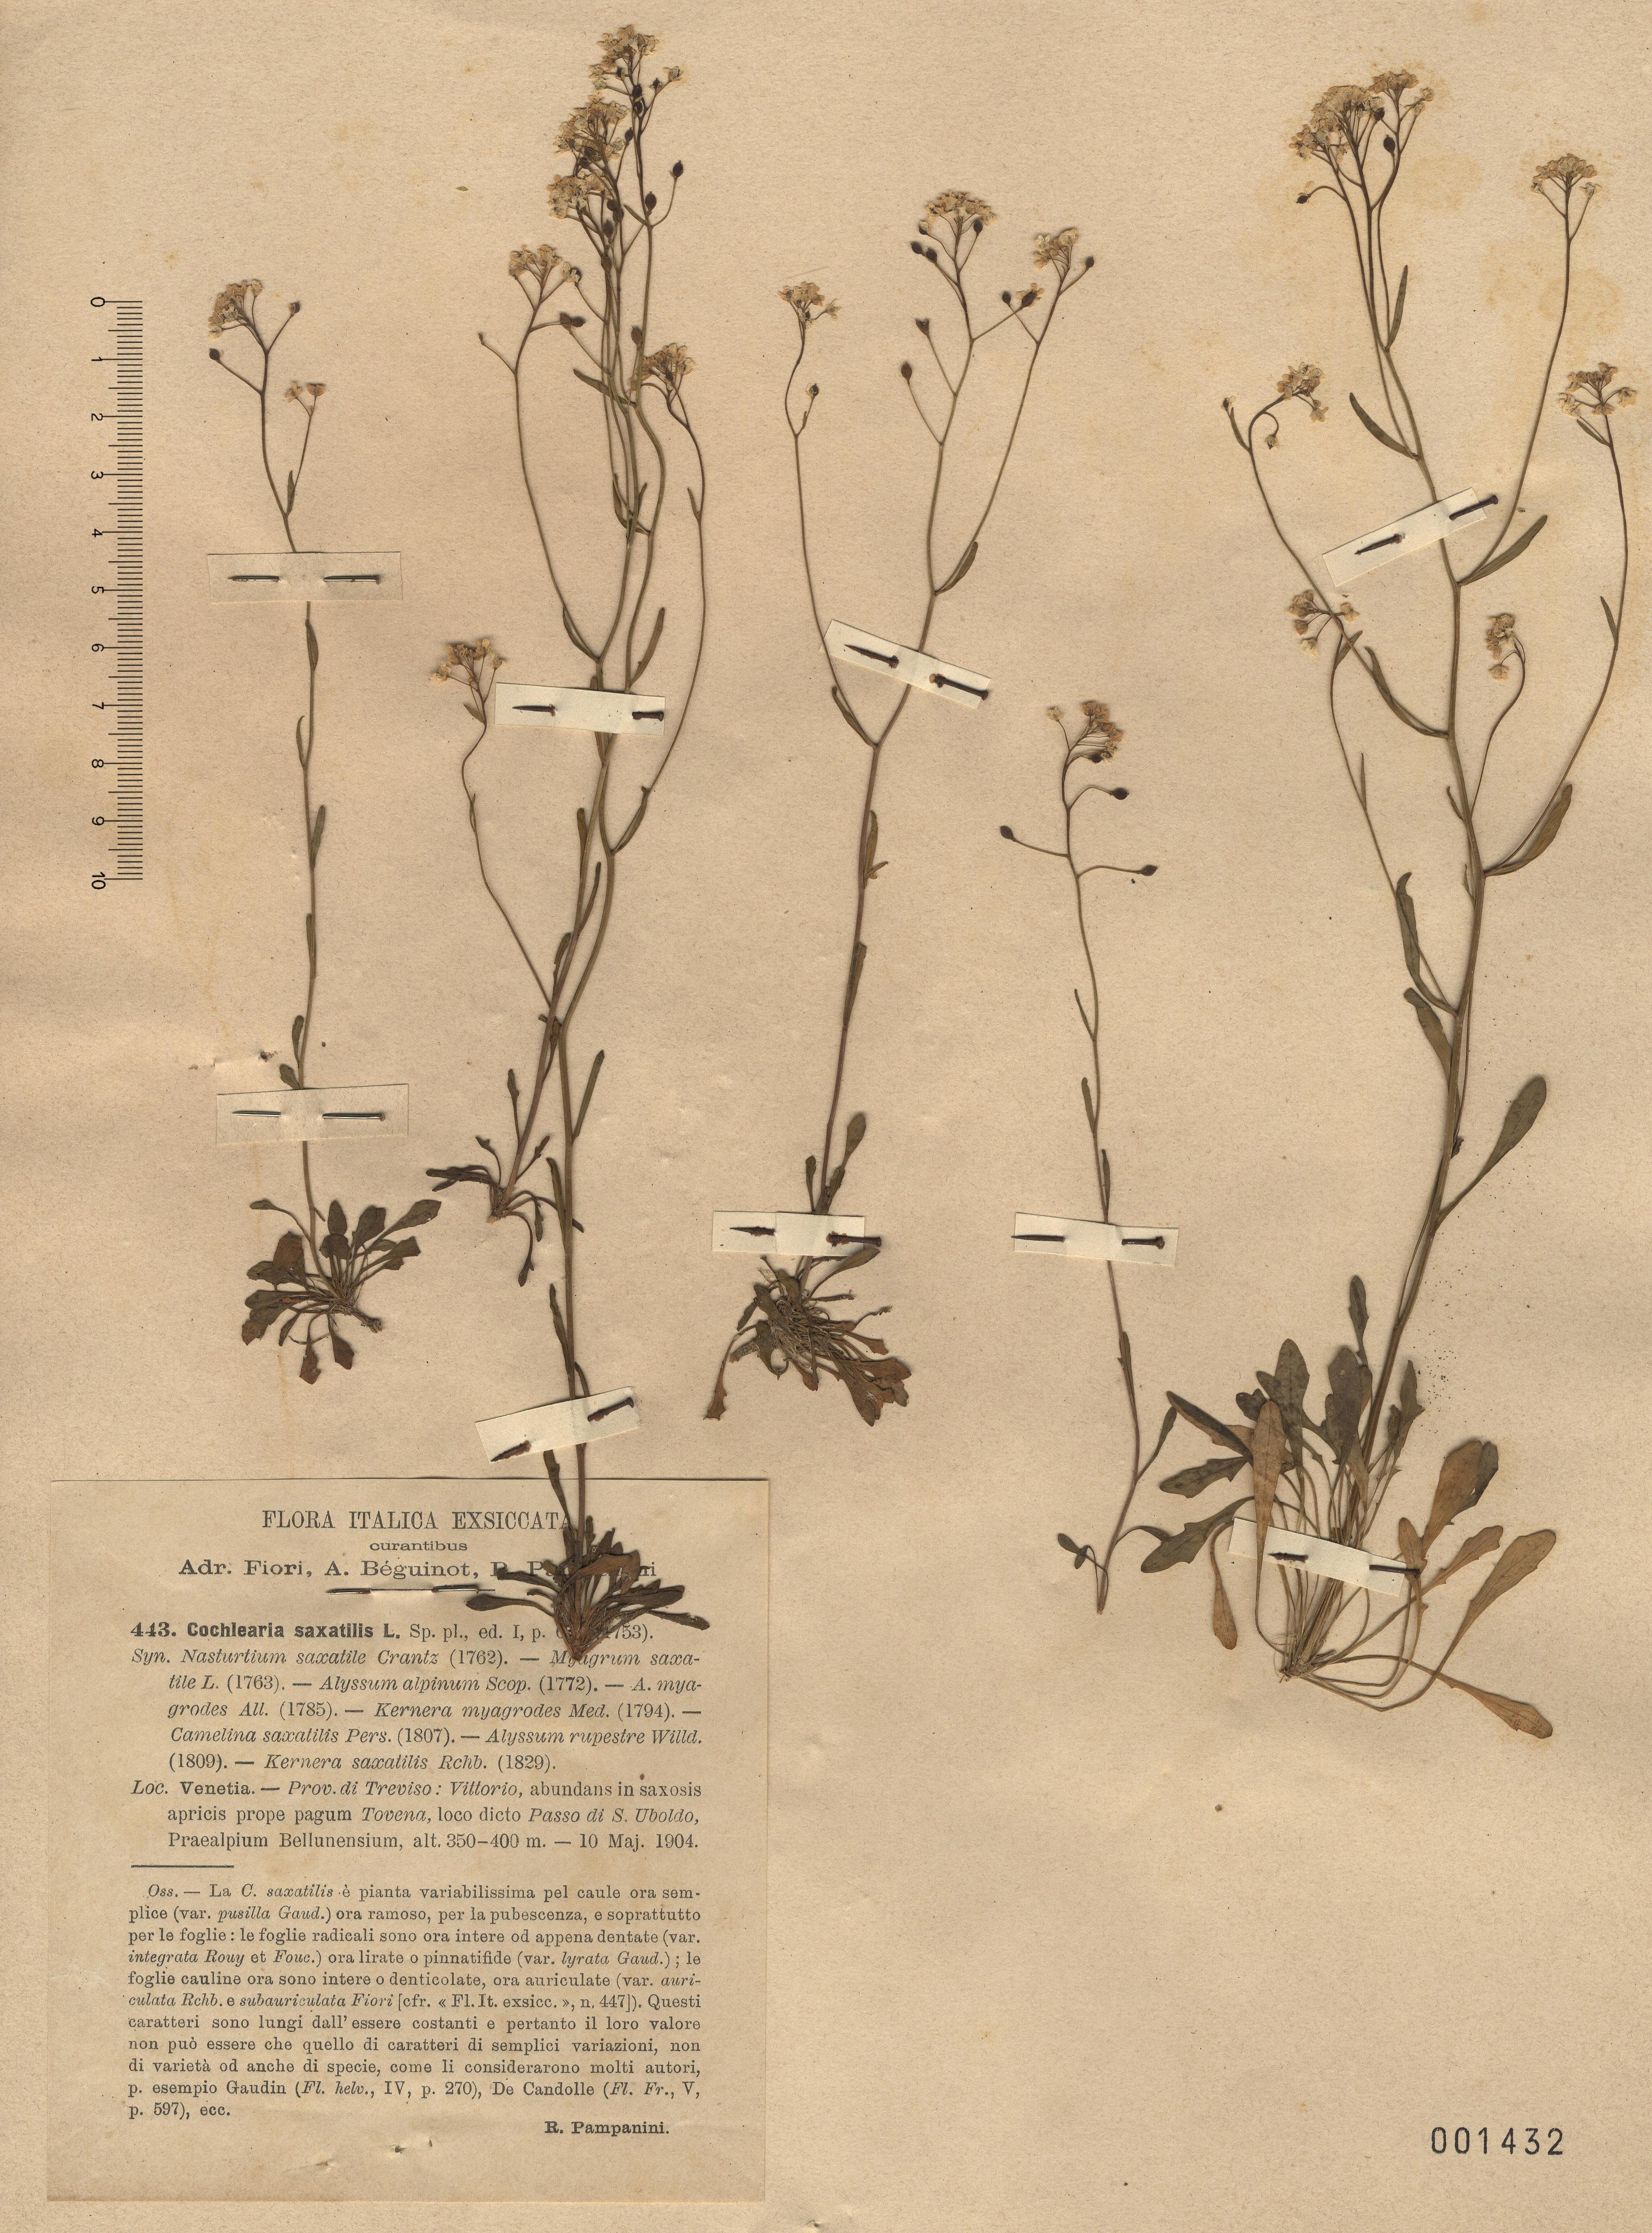 © Hortus Botanicus Catinensis - Herb. sheet 001432<br>